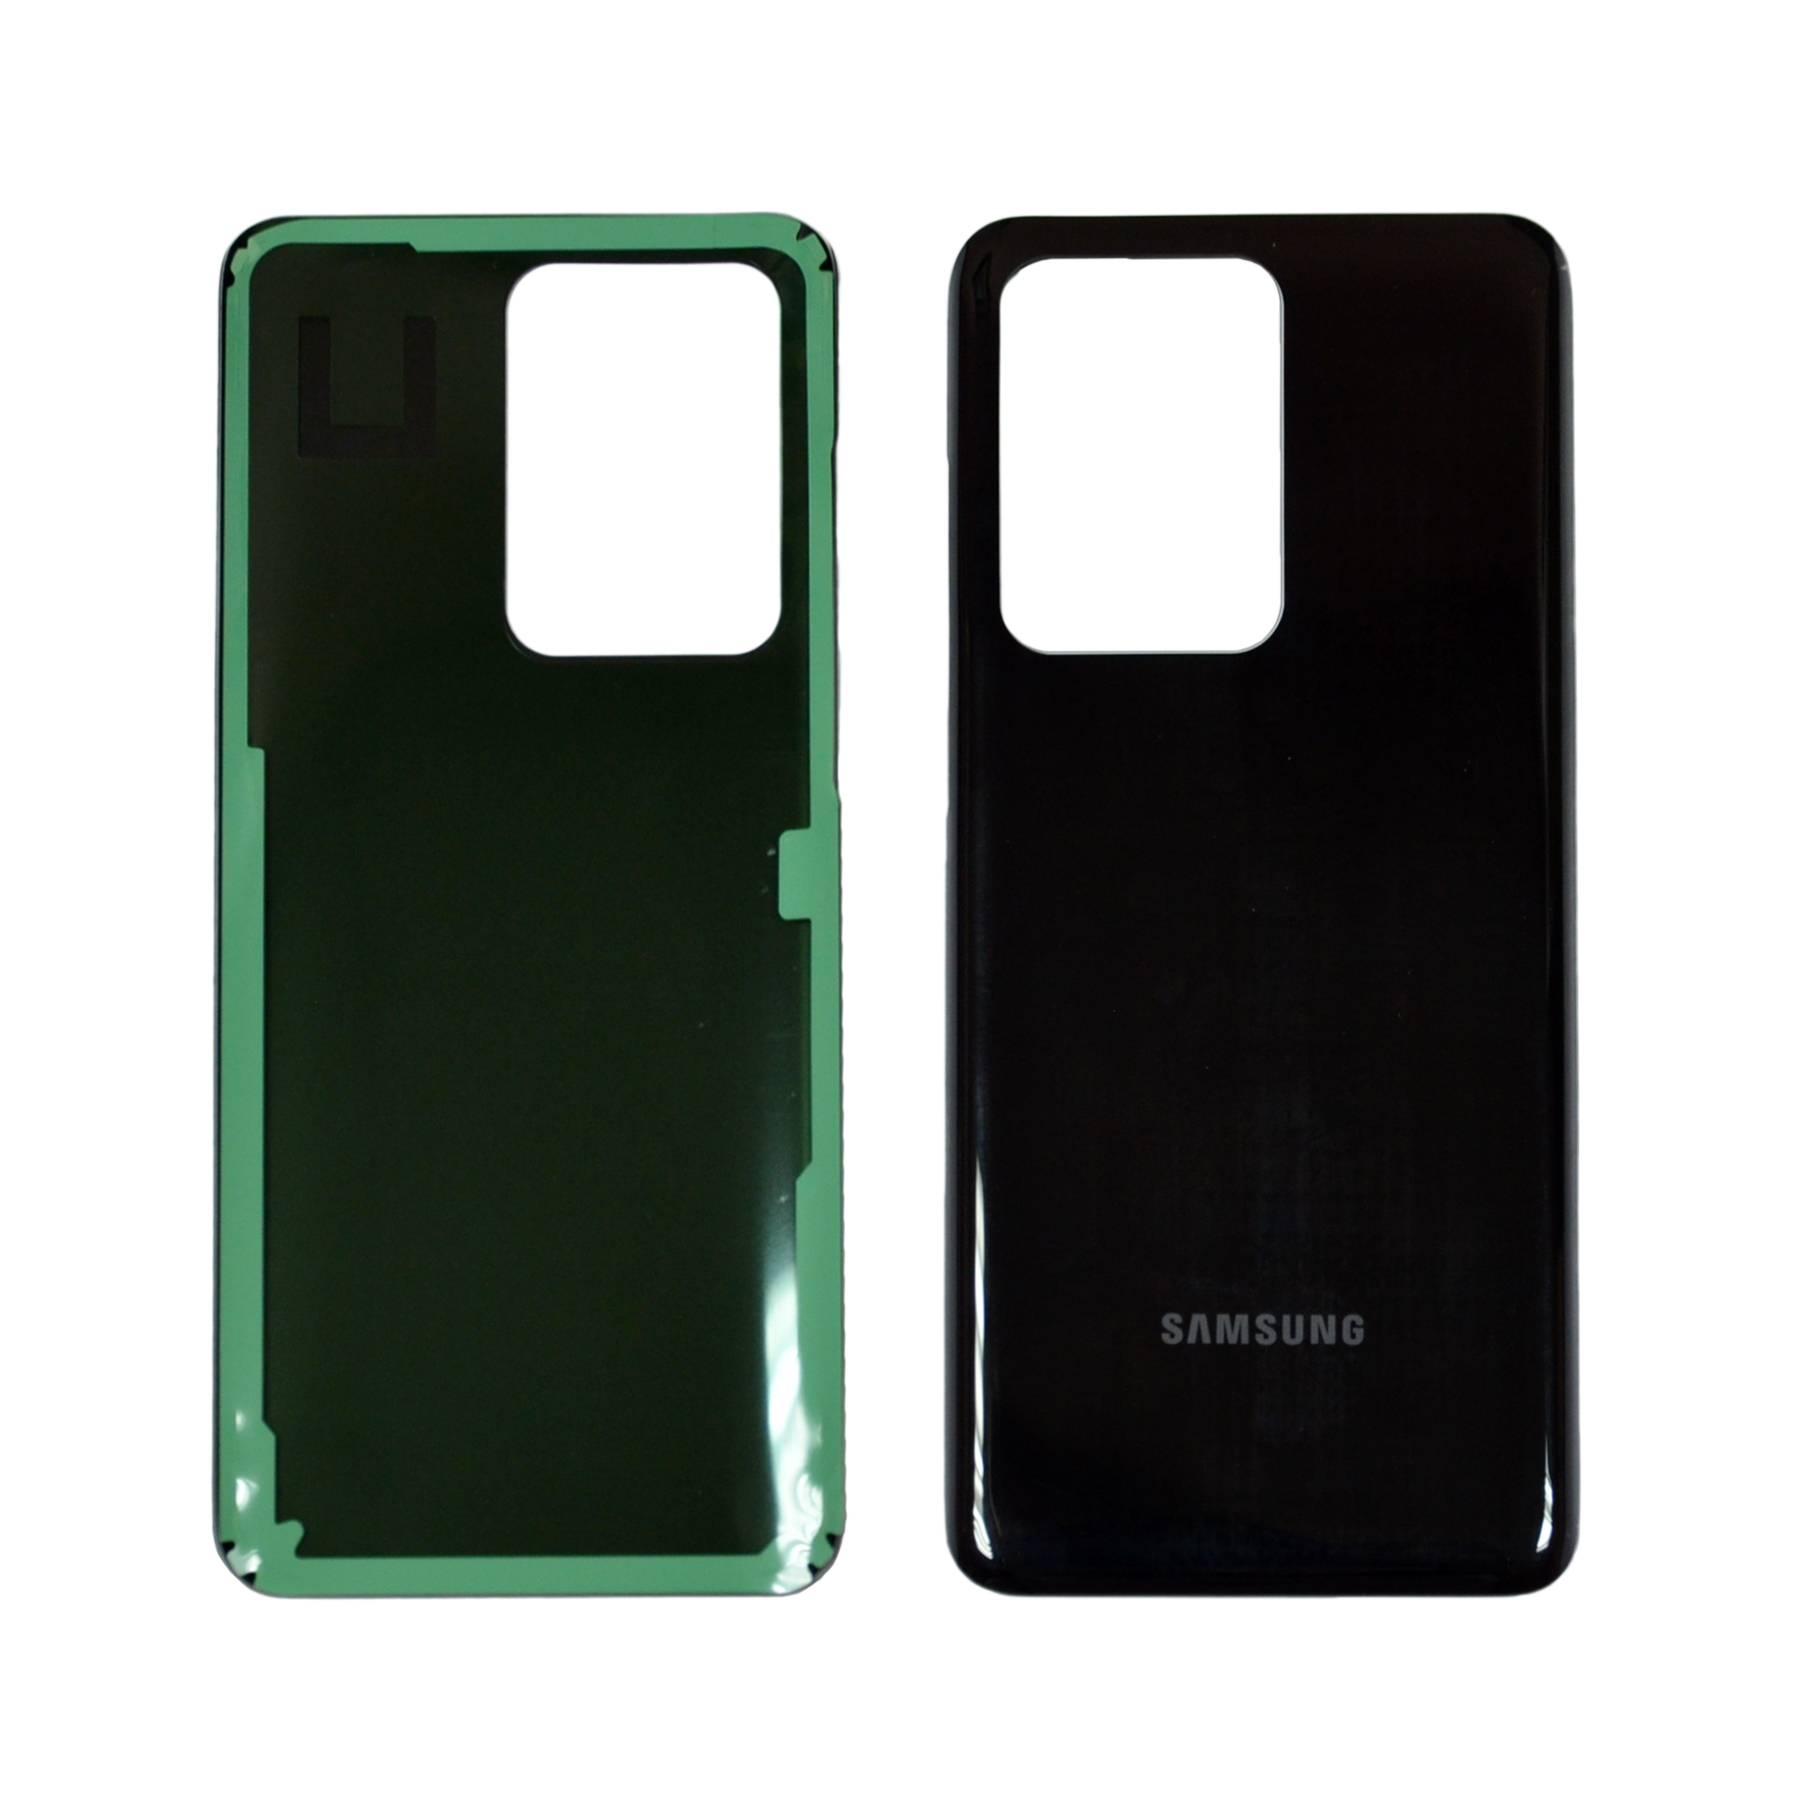 ЗАПЧАСТИ ДЛЯ СОТОВЫХ :: ЗАПЧАСТИ ДЛЯ SAMSUNG :: ЗАДНИЕ КРЫШКИ :: Задняя крышка Samsung G988B/DS (S20 Ultra) черная